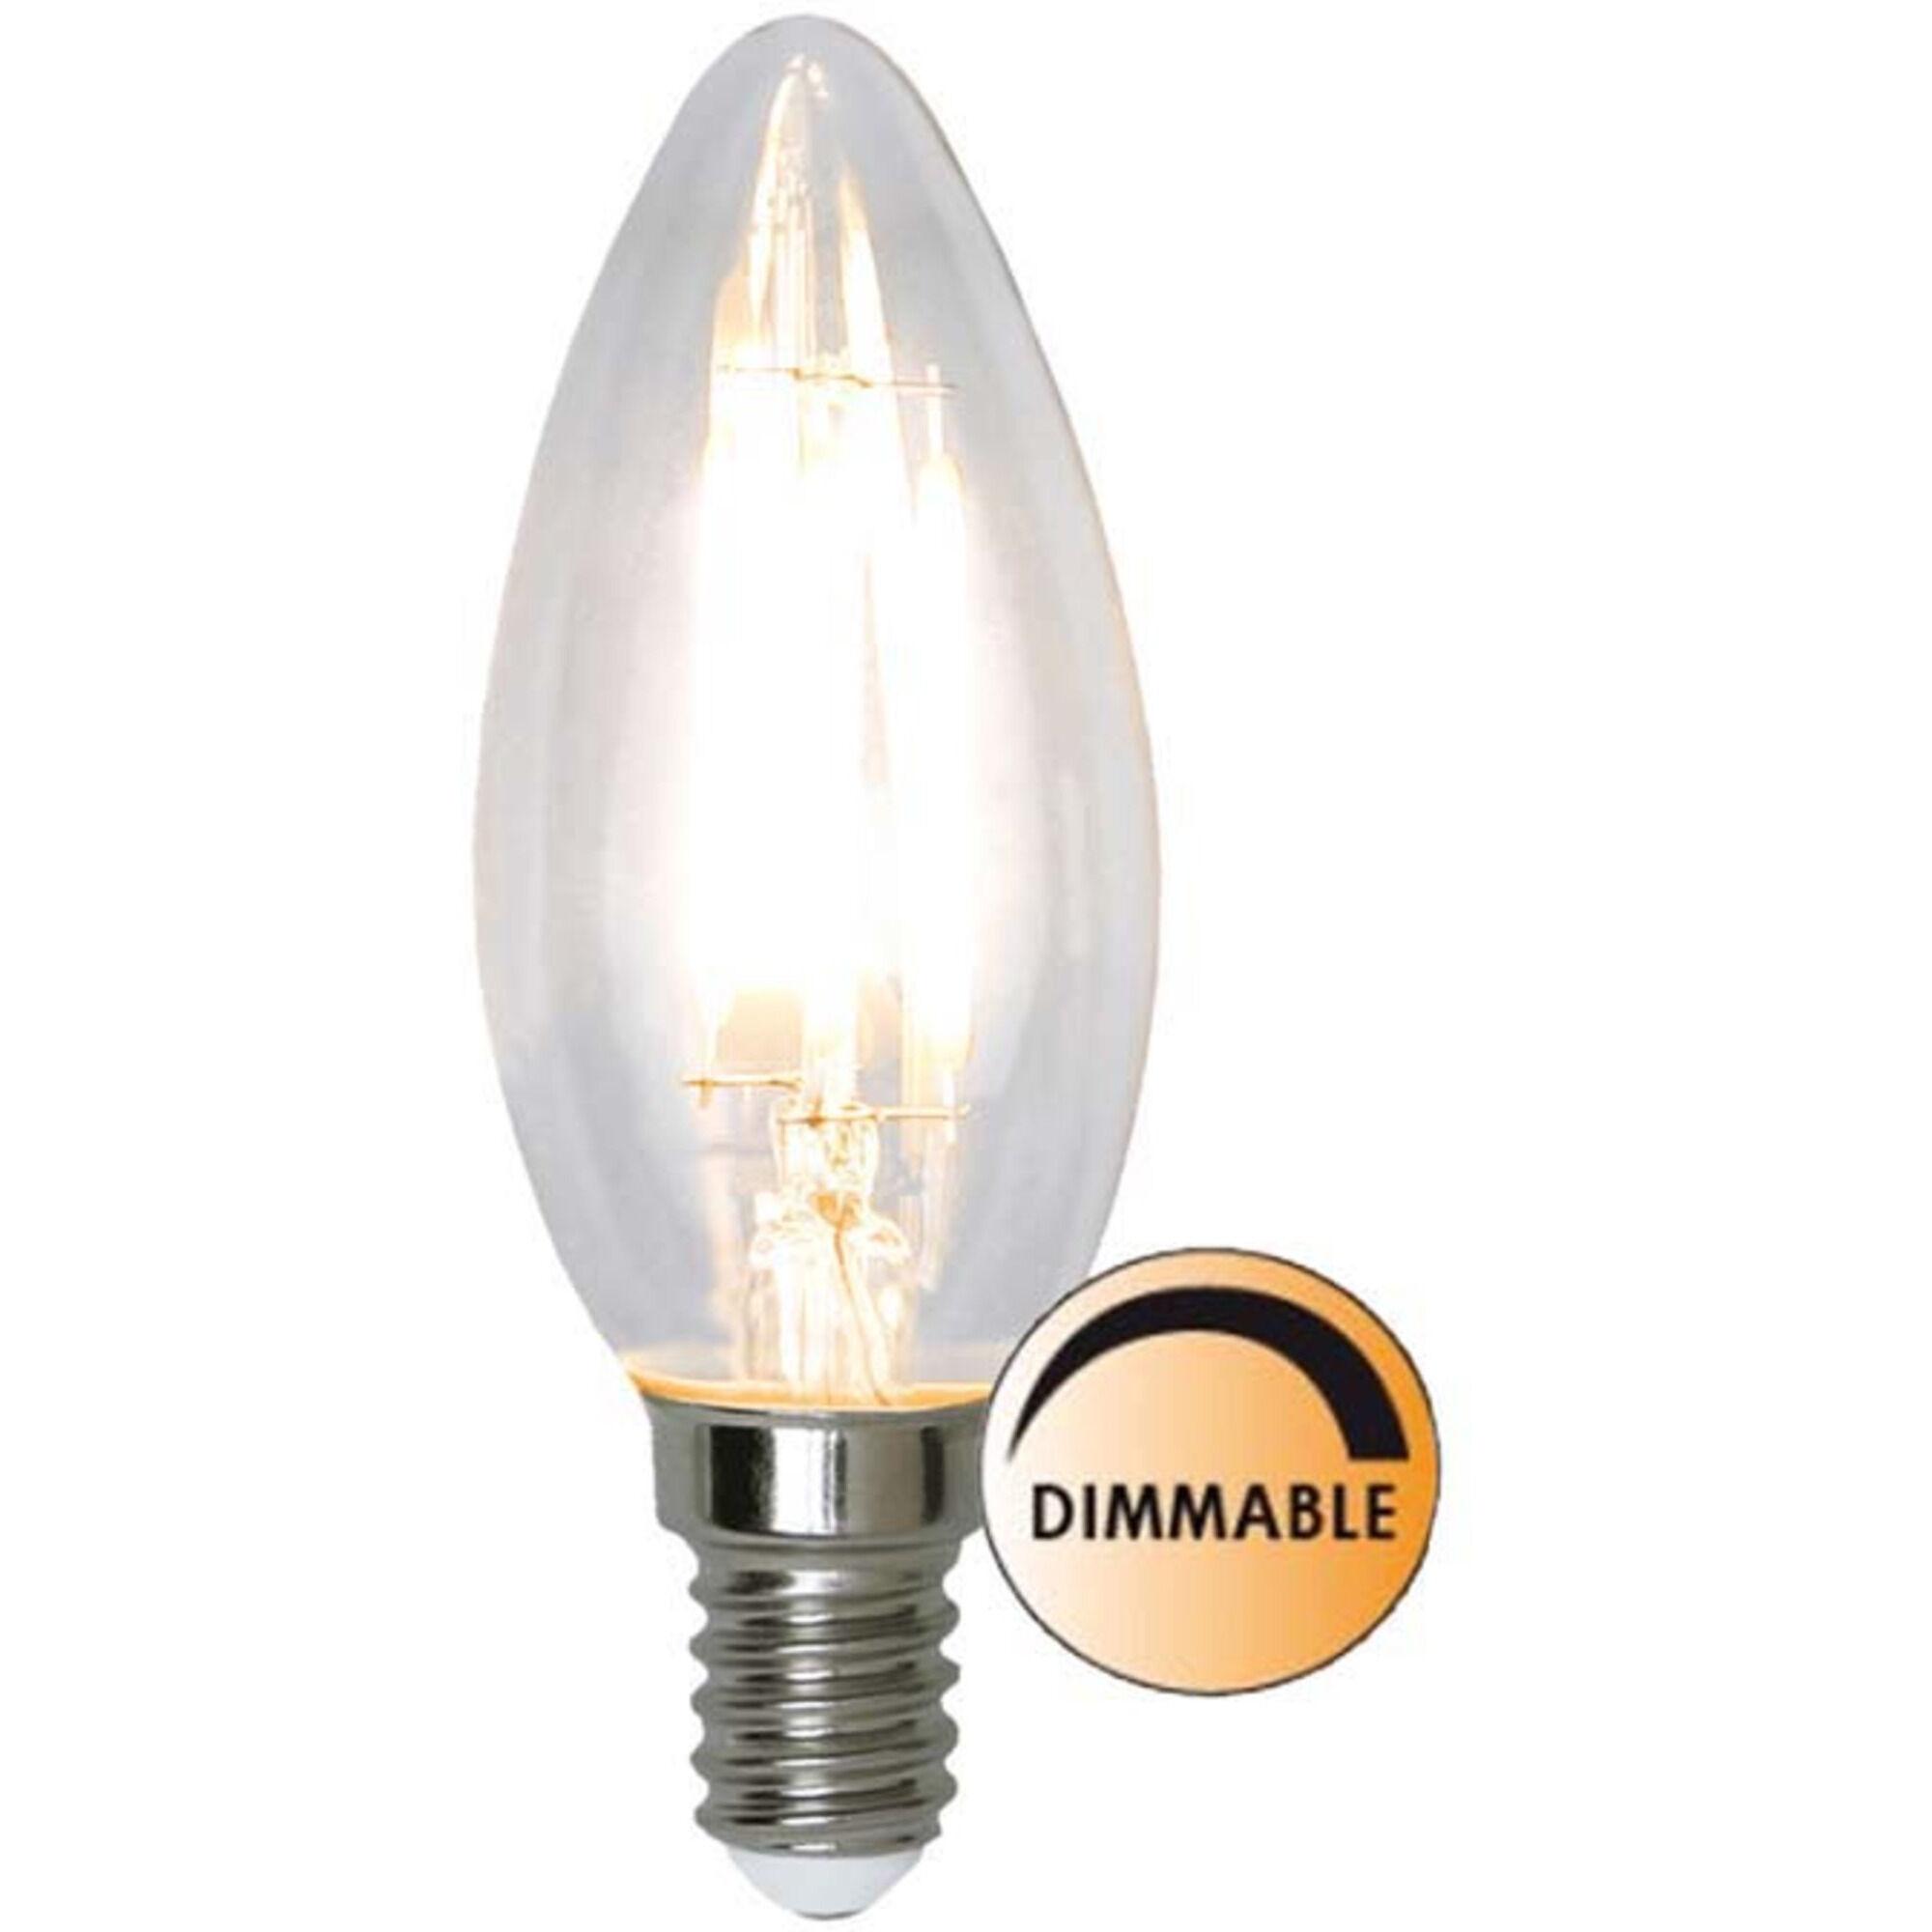 Globen Lighting Lyspære LED 351-03 Filament  Krom Klar 3,2W Dimbar E14